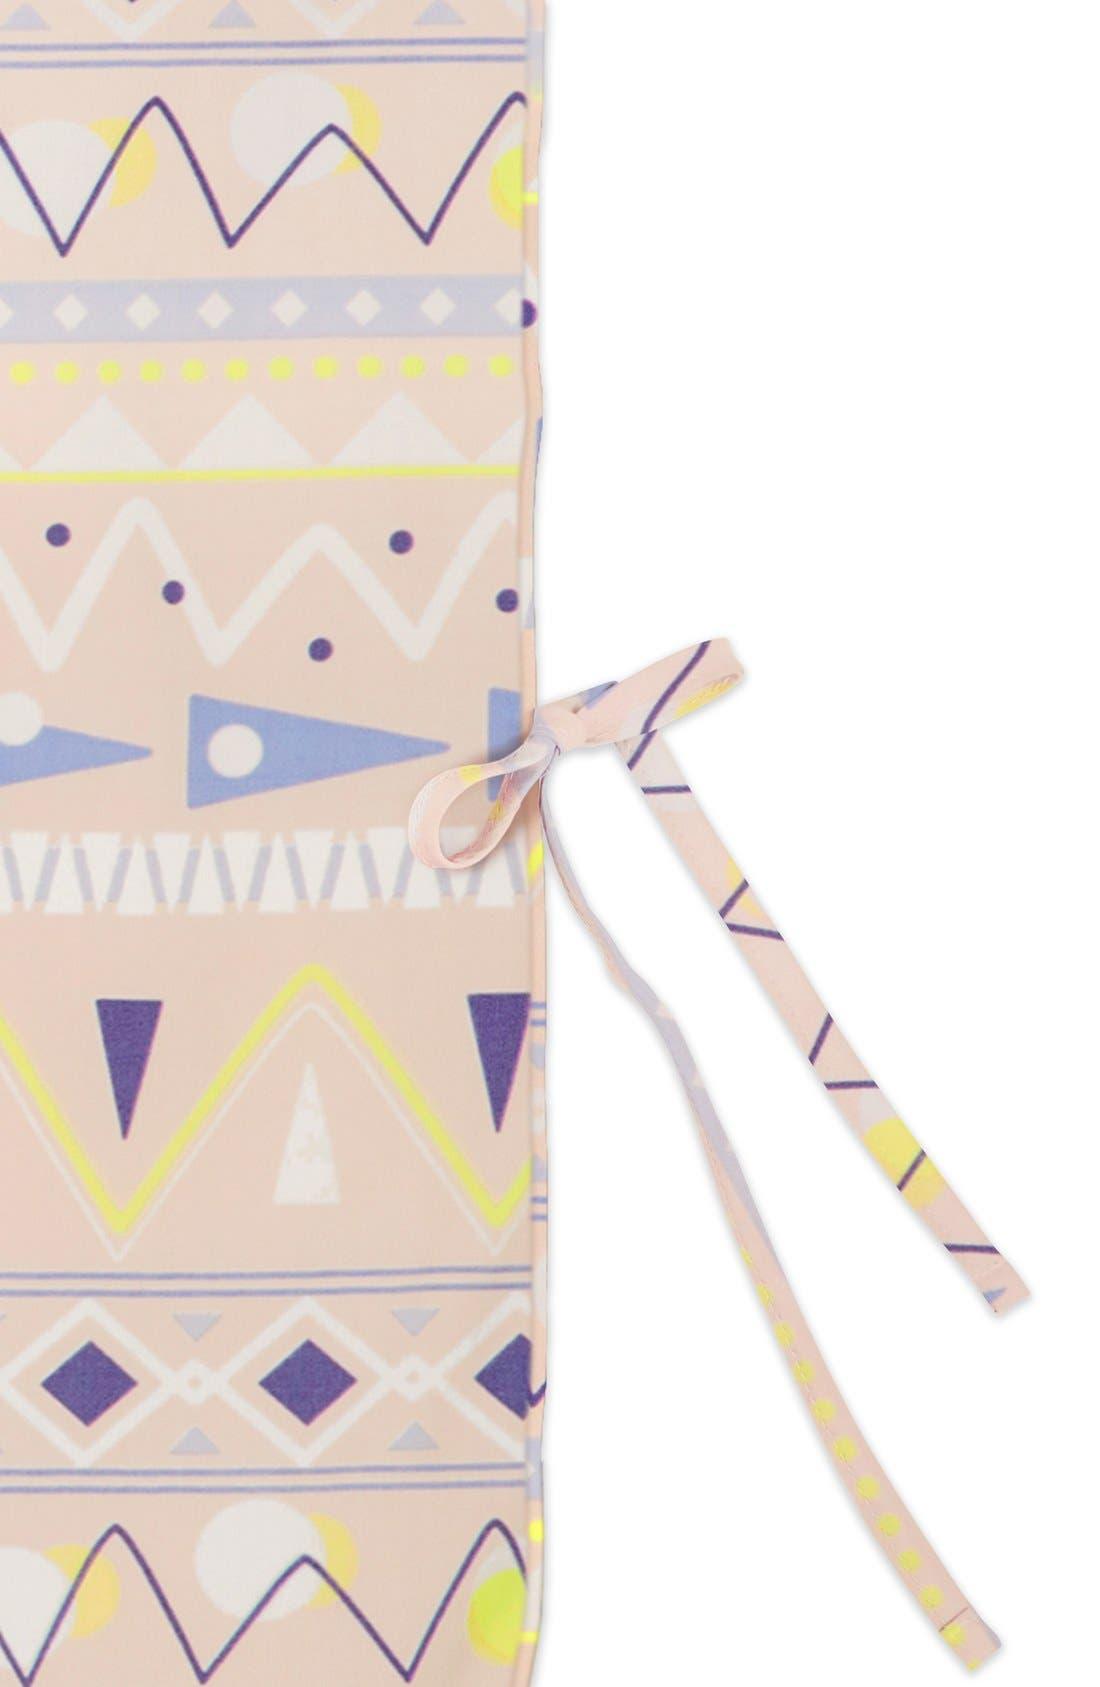 'Desert' Crib Sheet, Crib Skirt, Stroller Blanket & Wall Decals,                             Alternate thumbnail 5, color,                             900